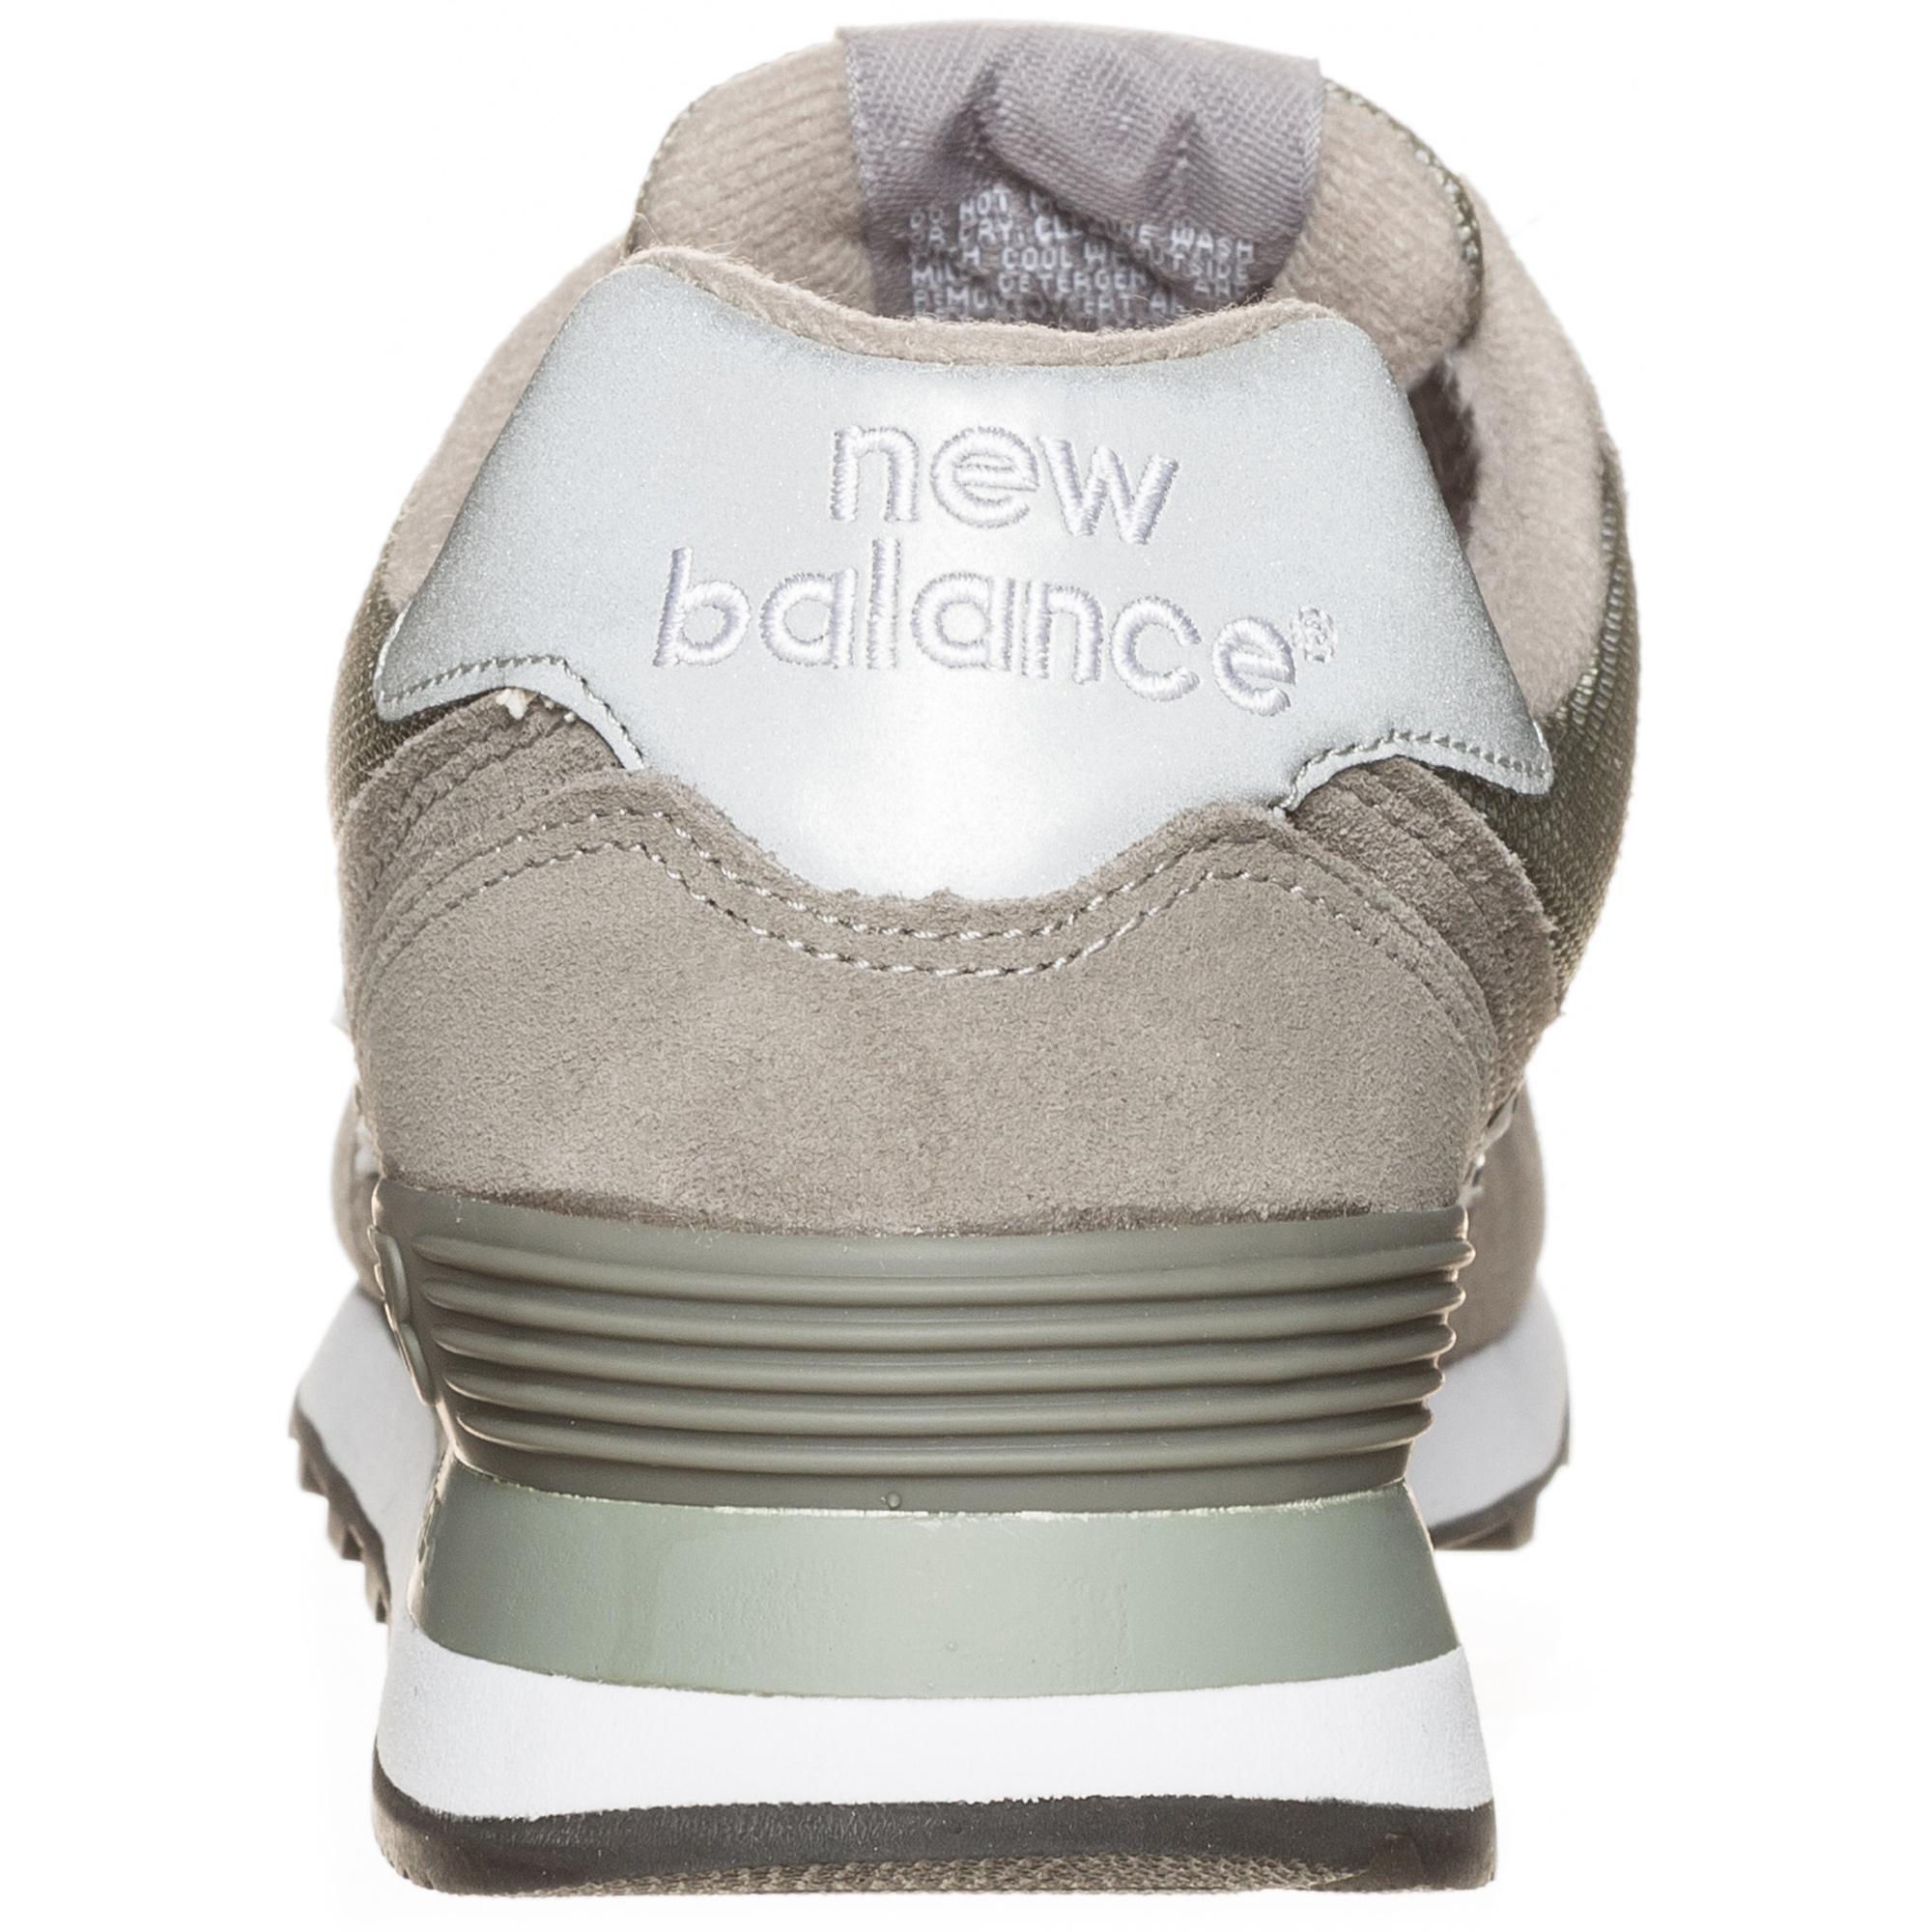 NEW BALANCE M574-GS-D Turnschuhe Herren grau   weiß weiß weiß im Online Shop von SportScheck kaufen Gute Qualität beliebte Schuhe c60fa4